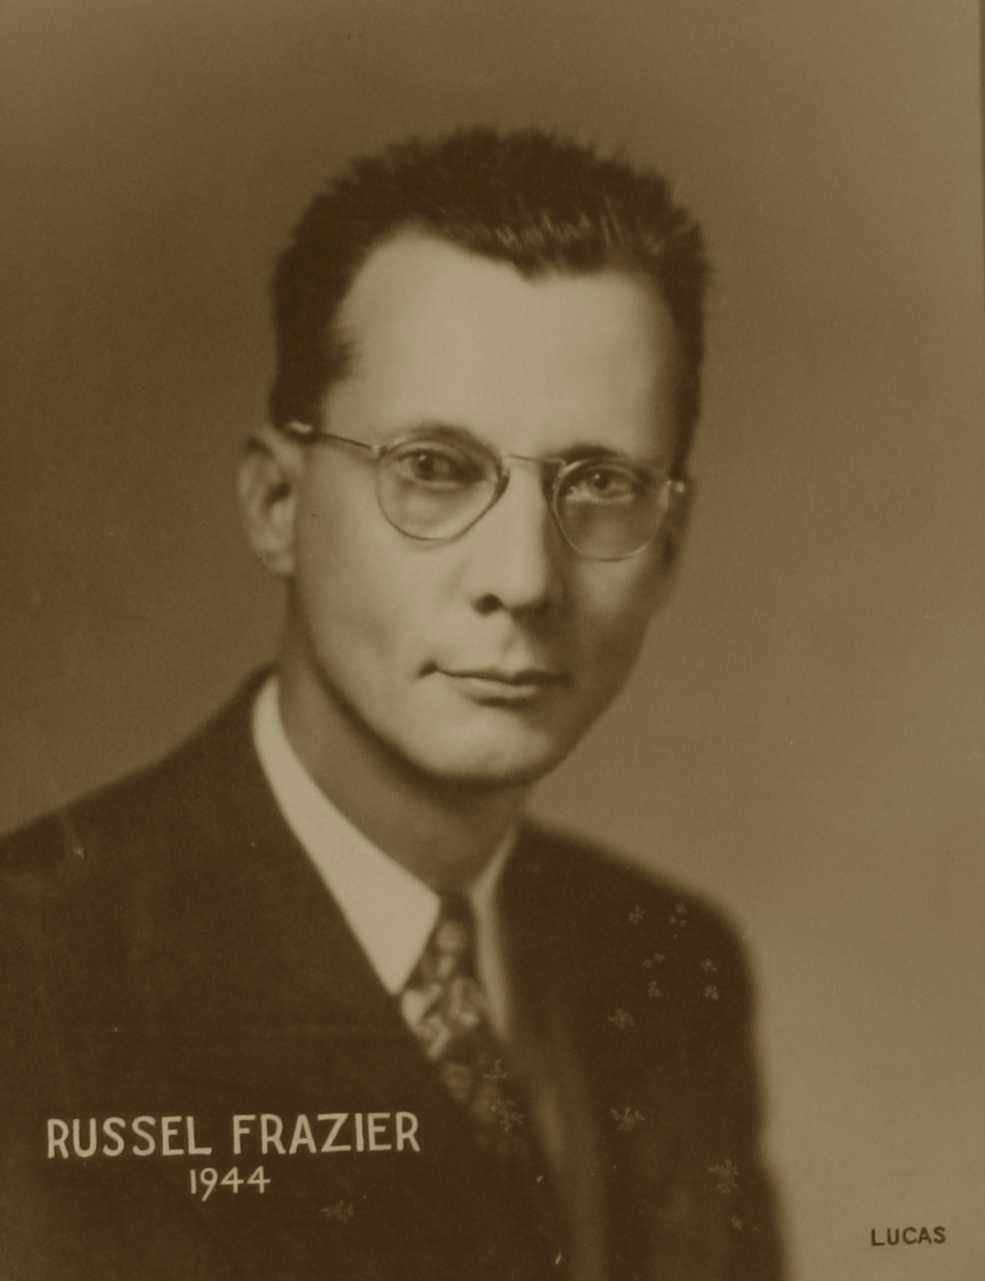 Russel Frazier, 1944